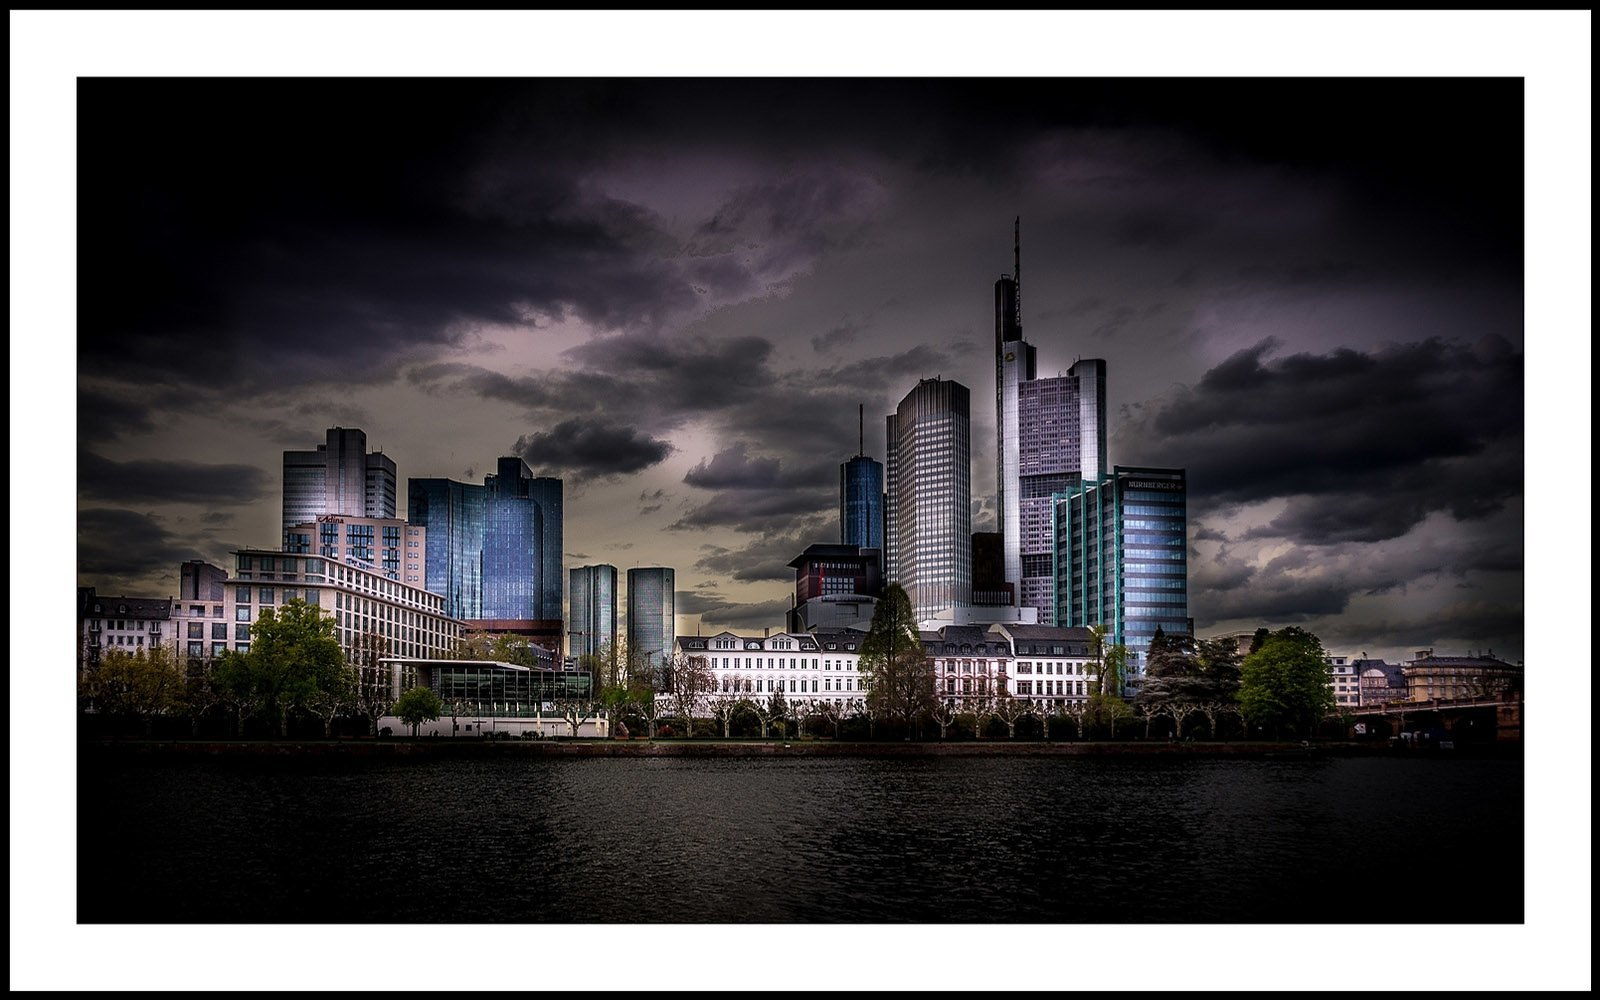 frankfurt şehri